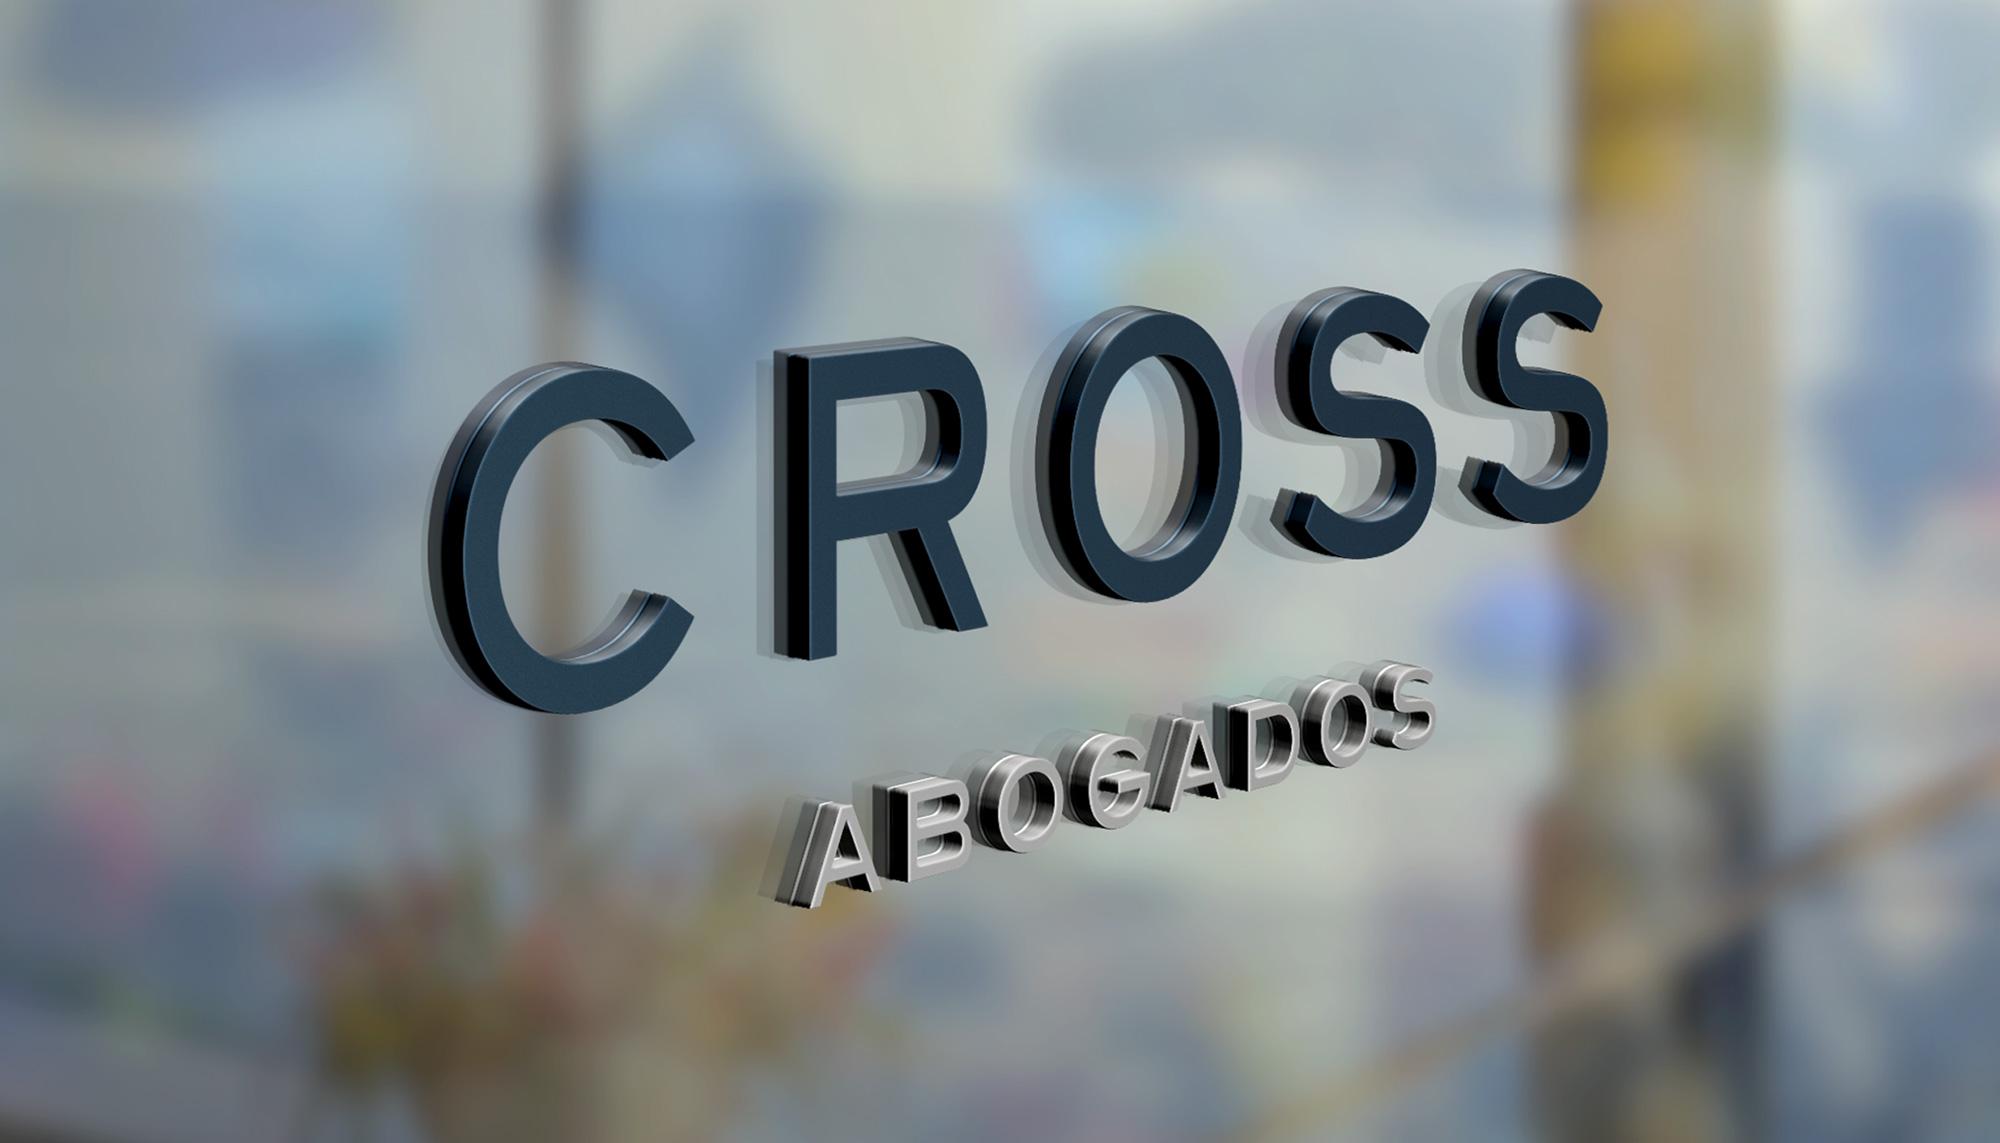 Rotulación Cross Abogados Asesores